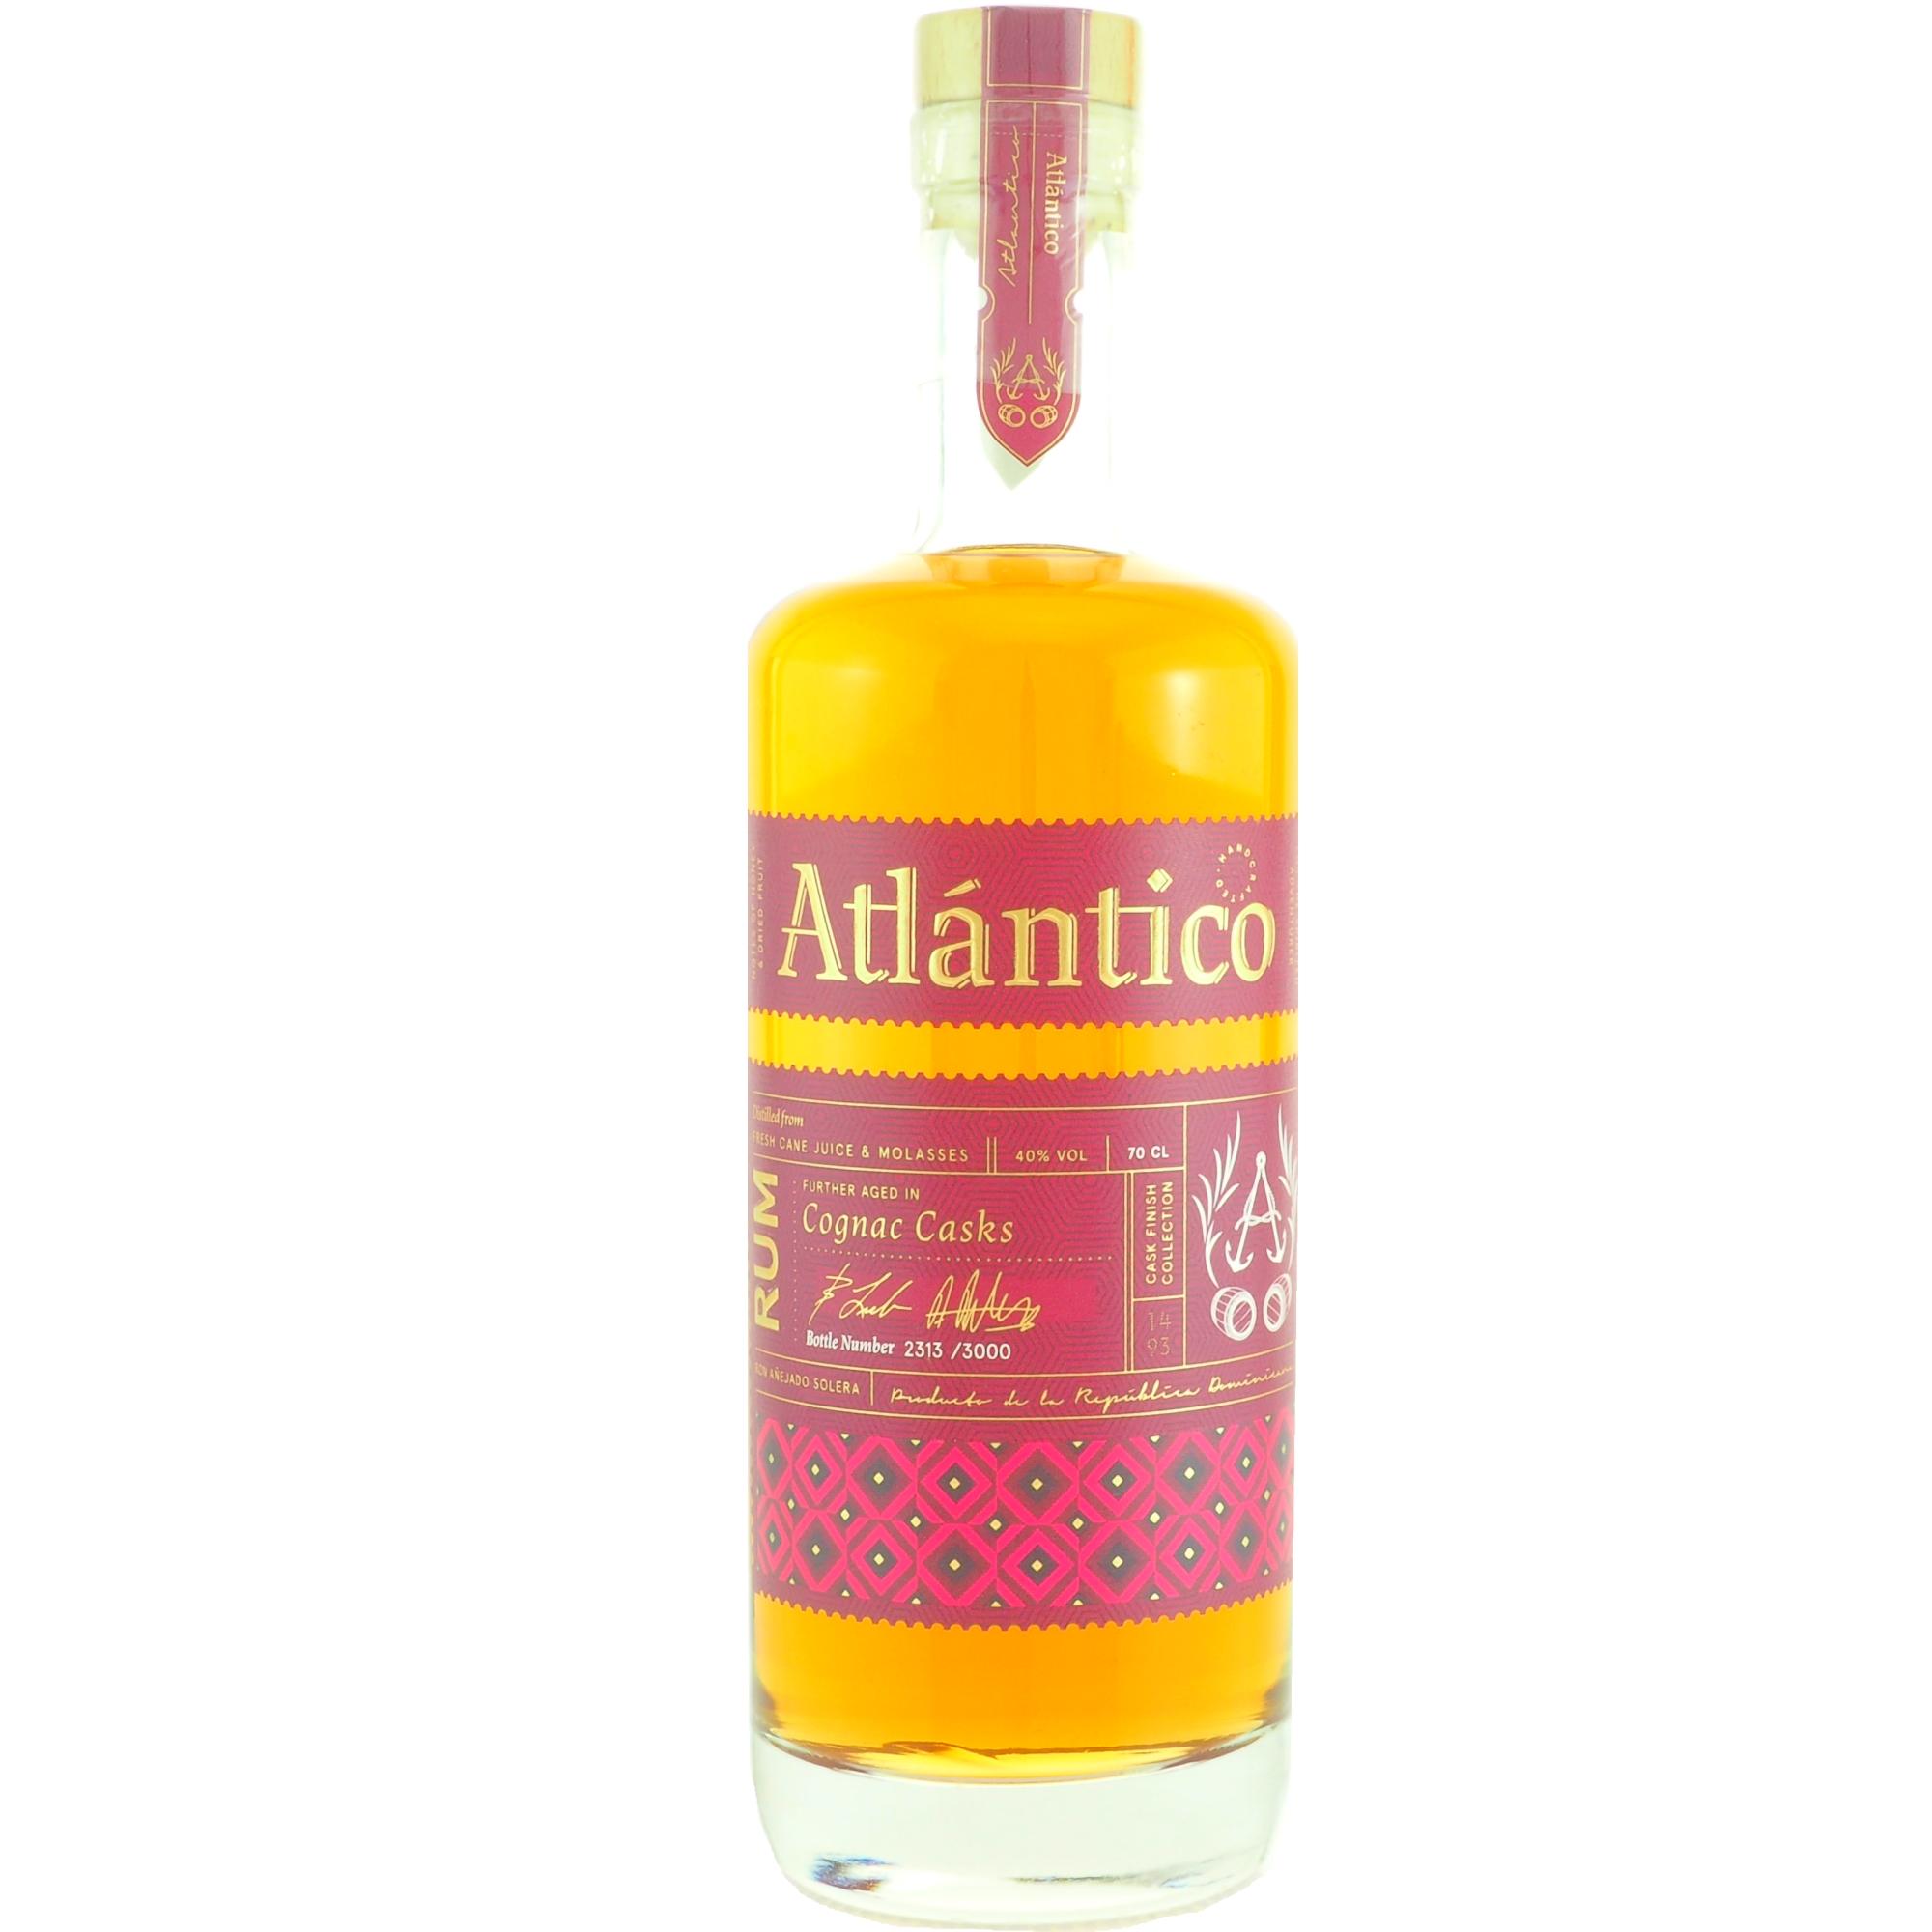 Atlantico-Cognac-Cask